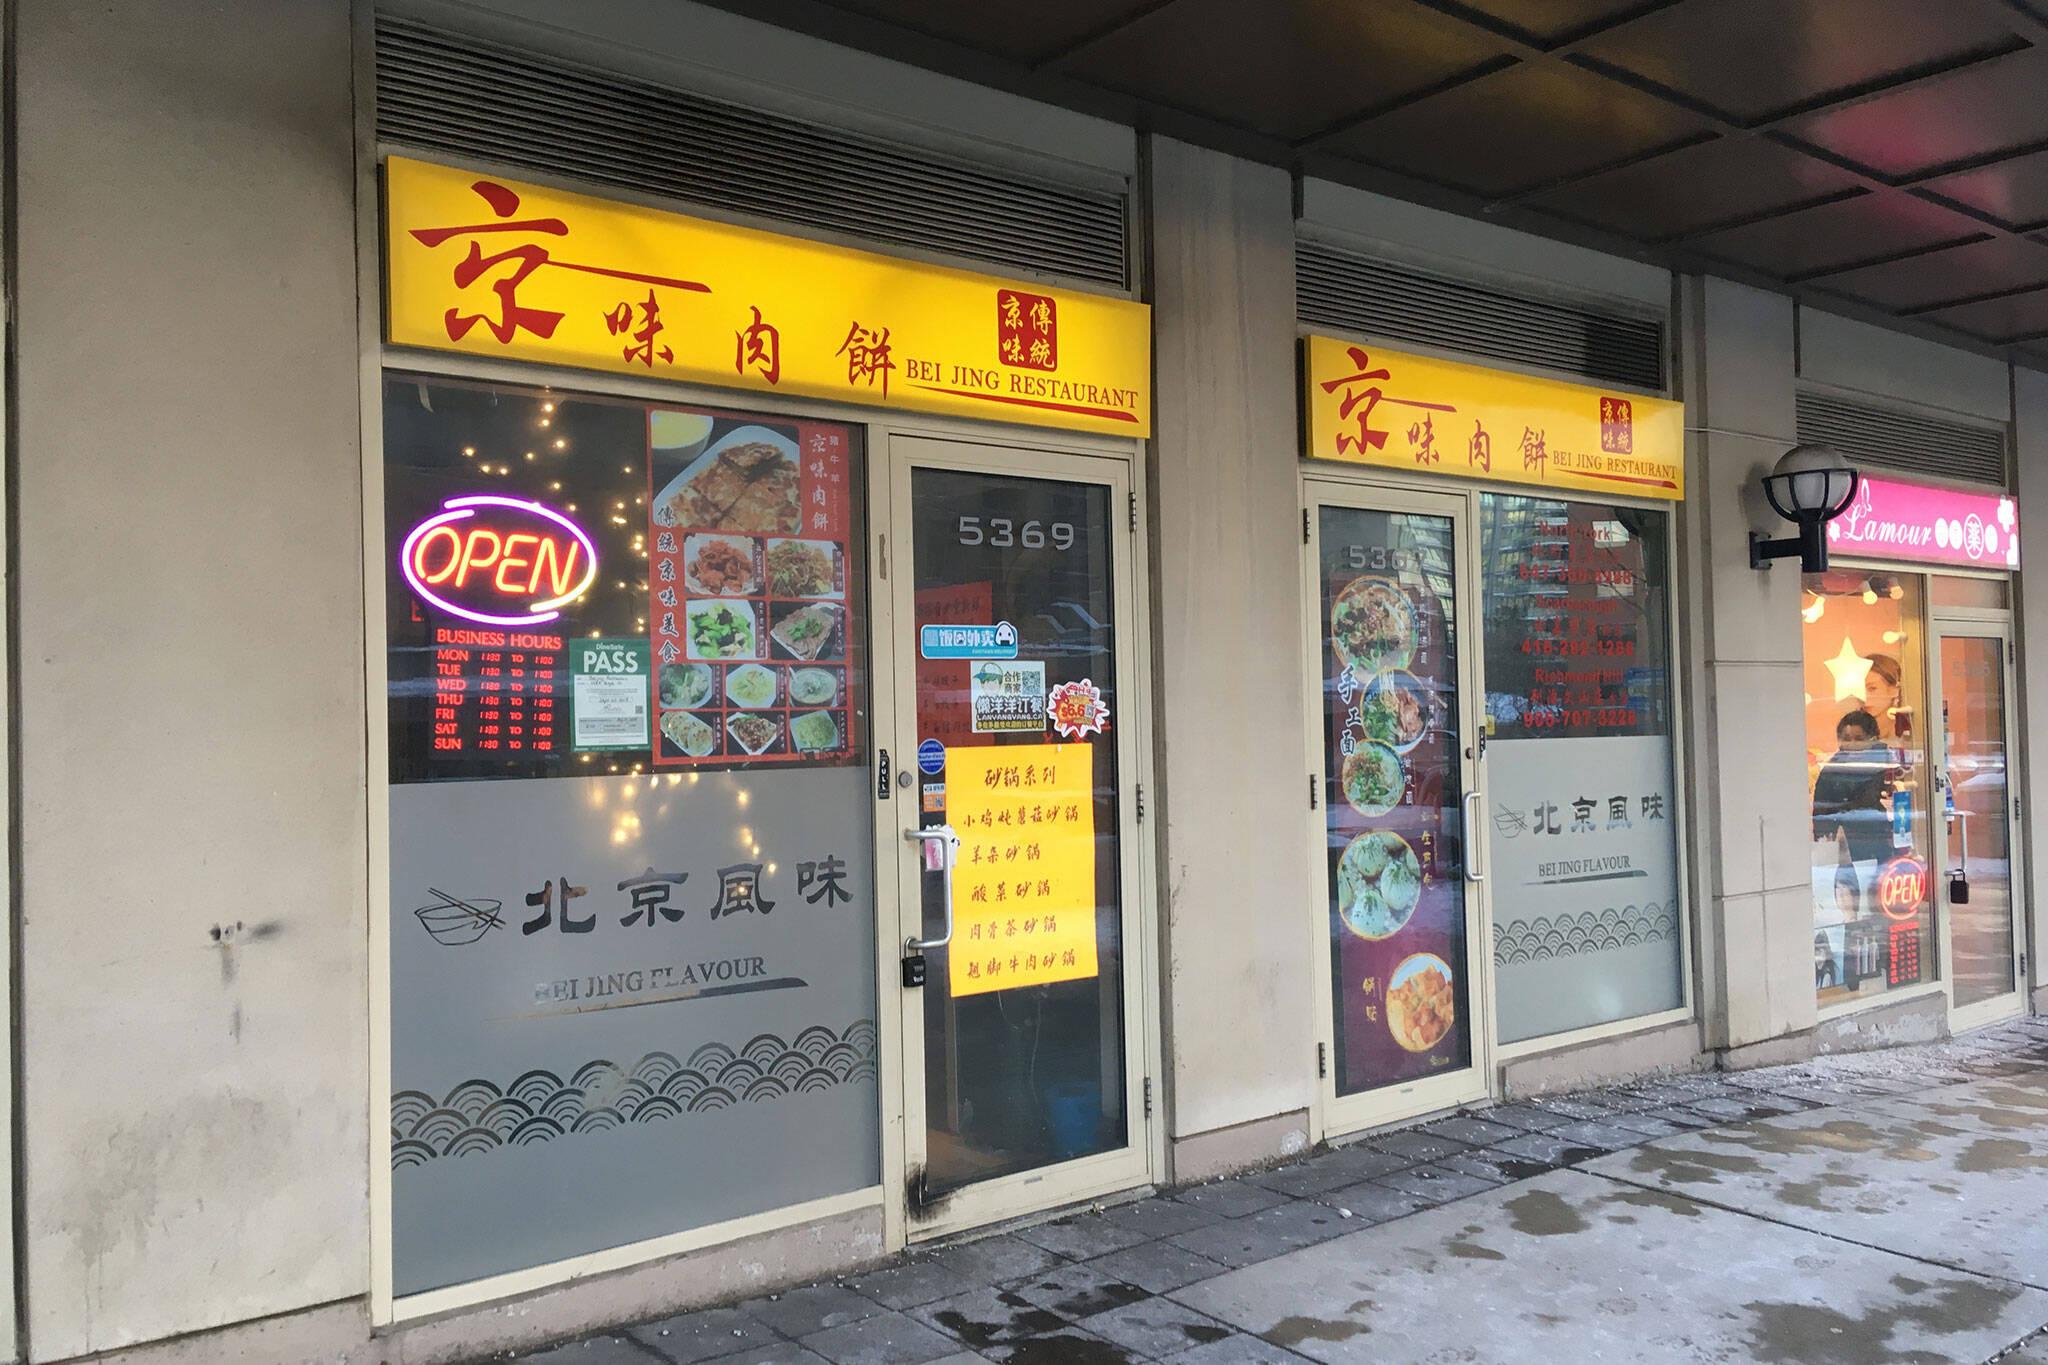 Beijing Restaurant Toronto